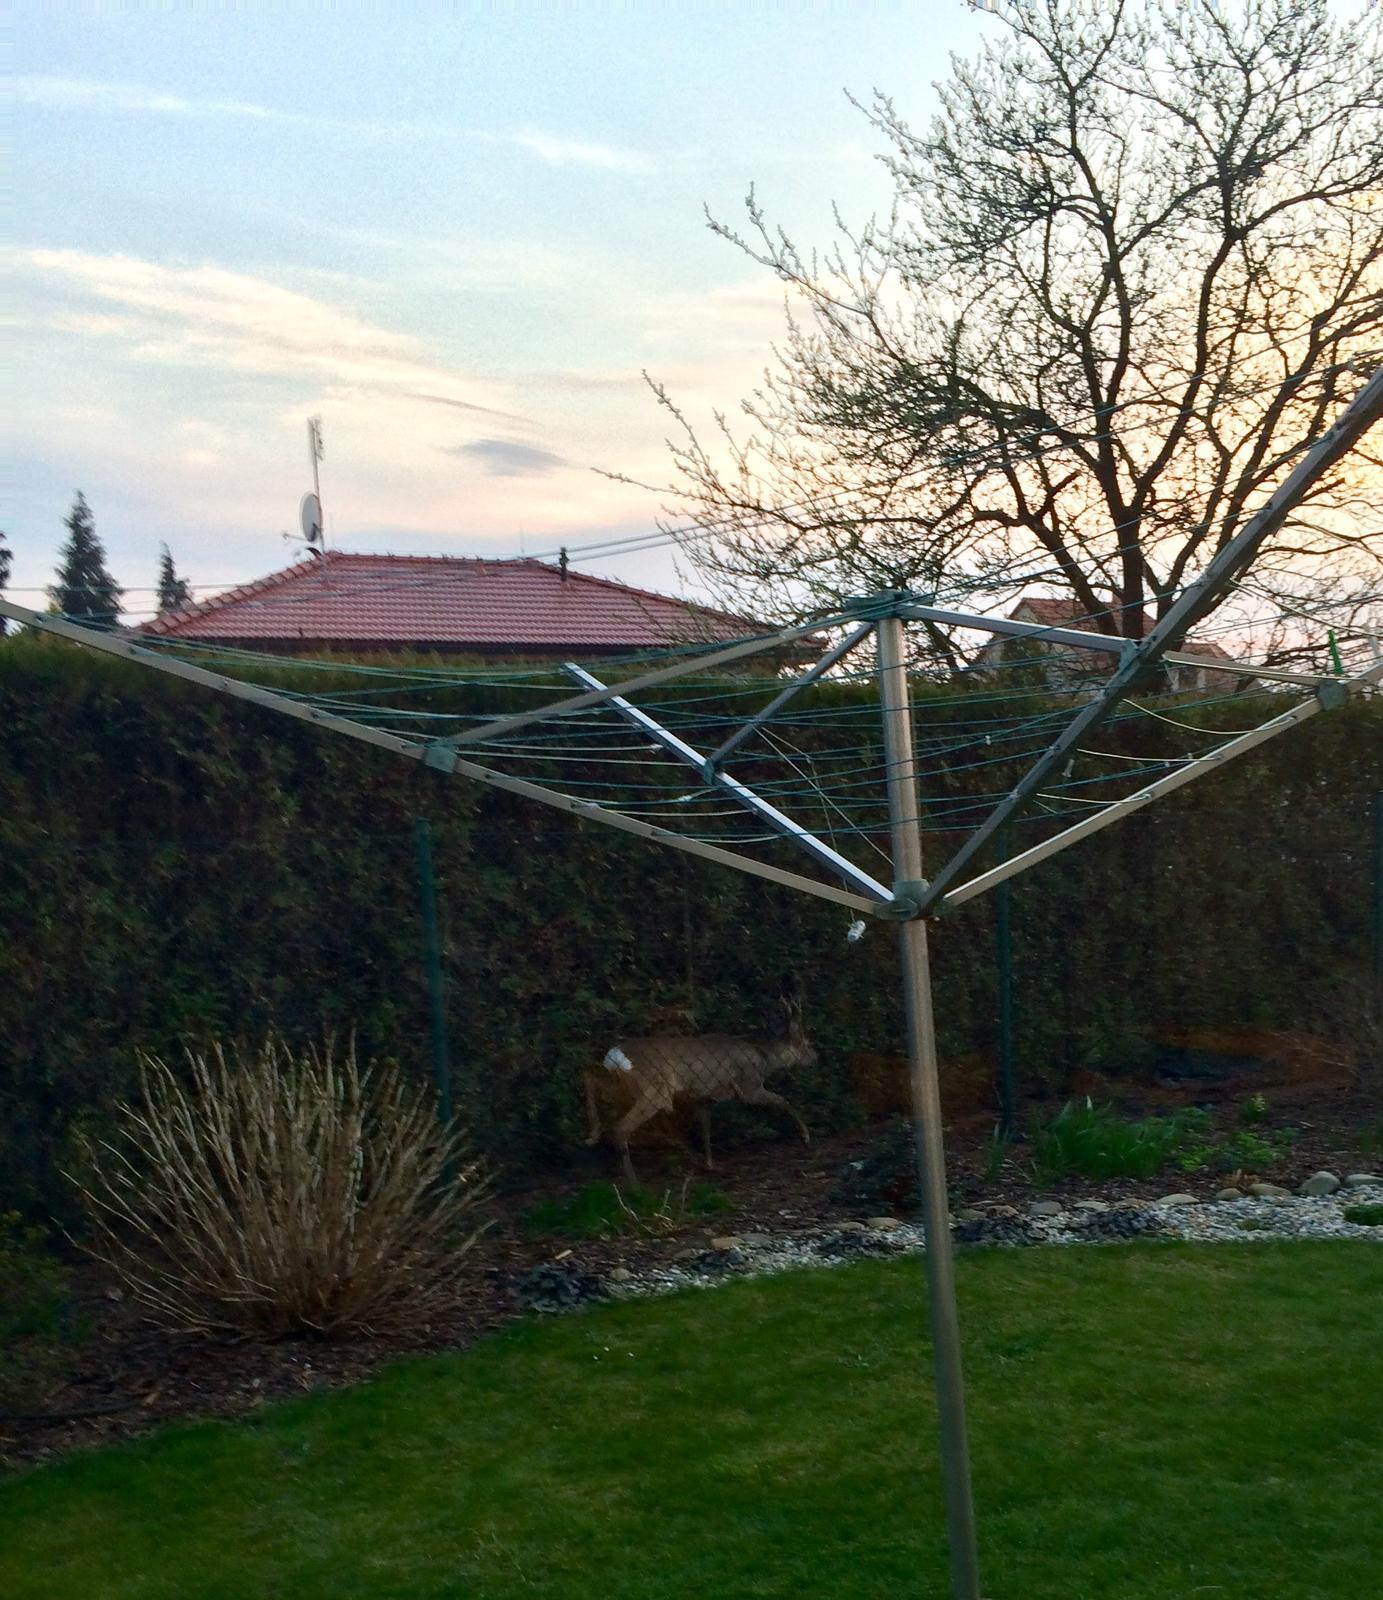 Dům i Zahrada 2019 - Srnec u souseda za plotem, vcelku v centru obce, zapomněl si zavřít bránu... pes ho málem sežral 🤪🤣